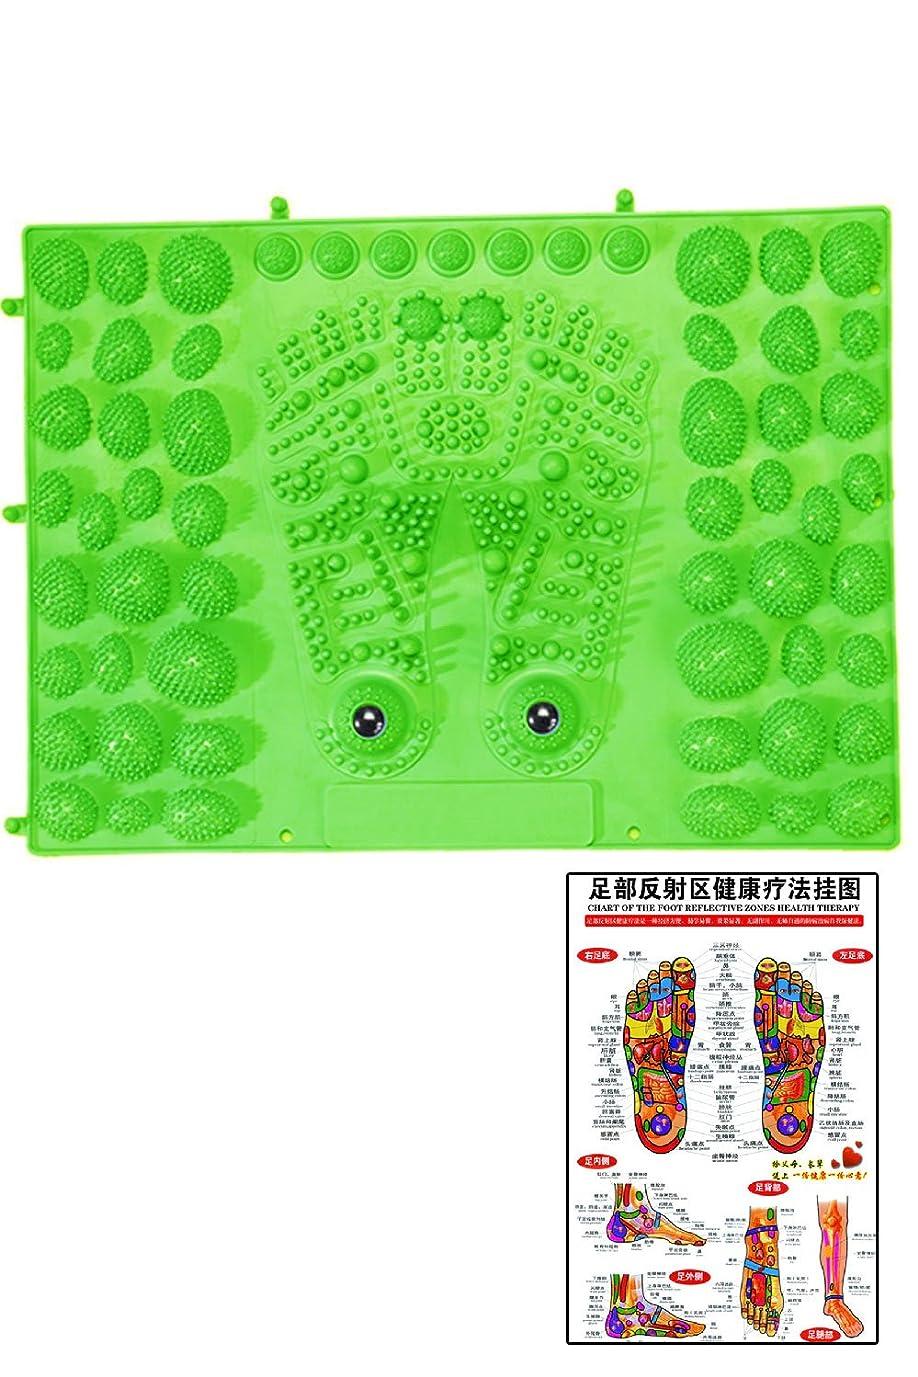 統治する複製する加速する(POMAIKAI) 足型 足ツボ 健康 マット ダイエット 足裏マッサージ 反射区 マップ セット (グリーン)